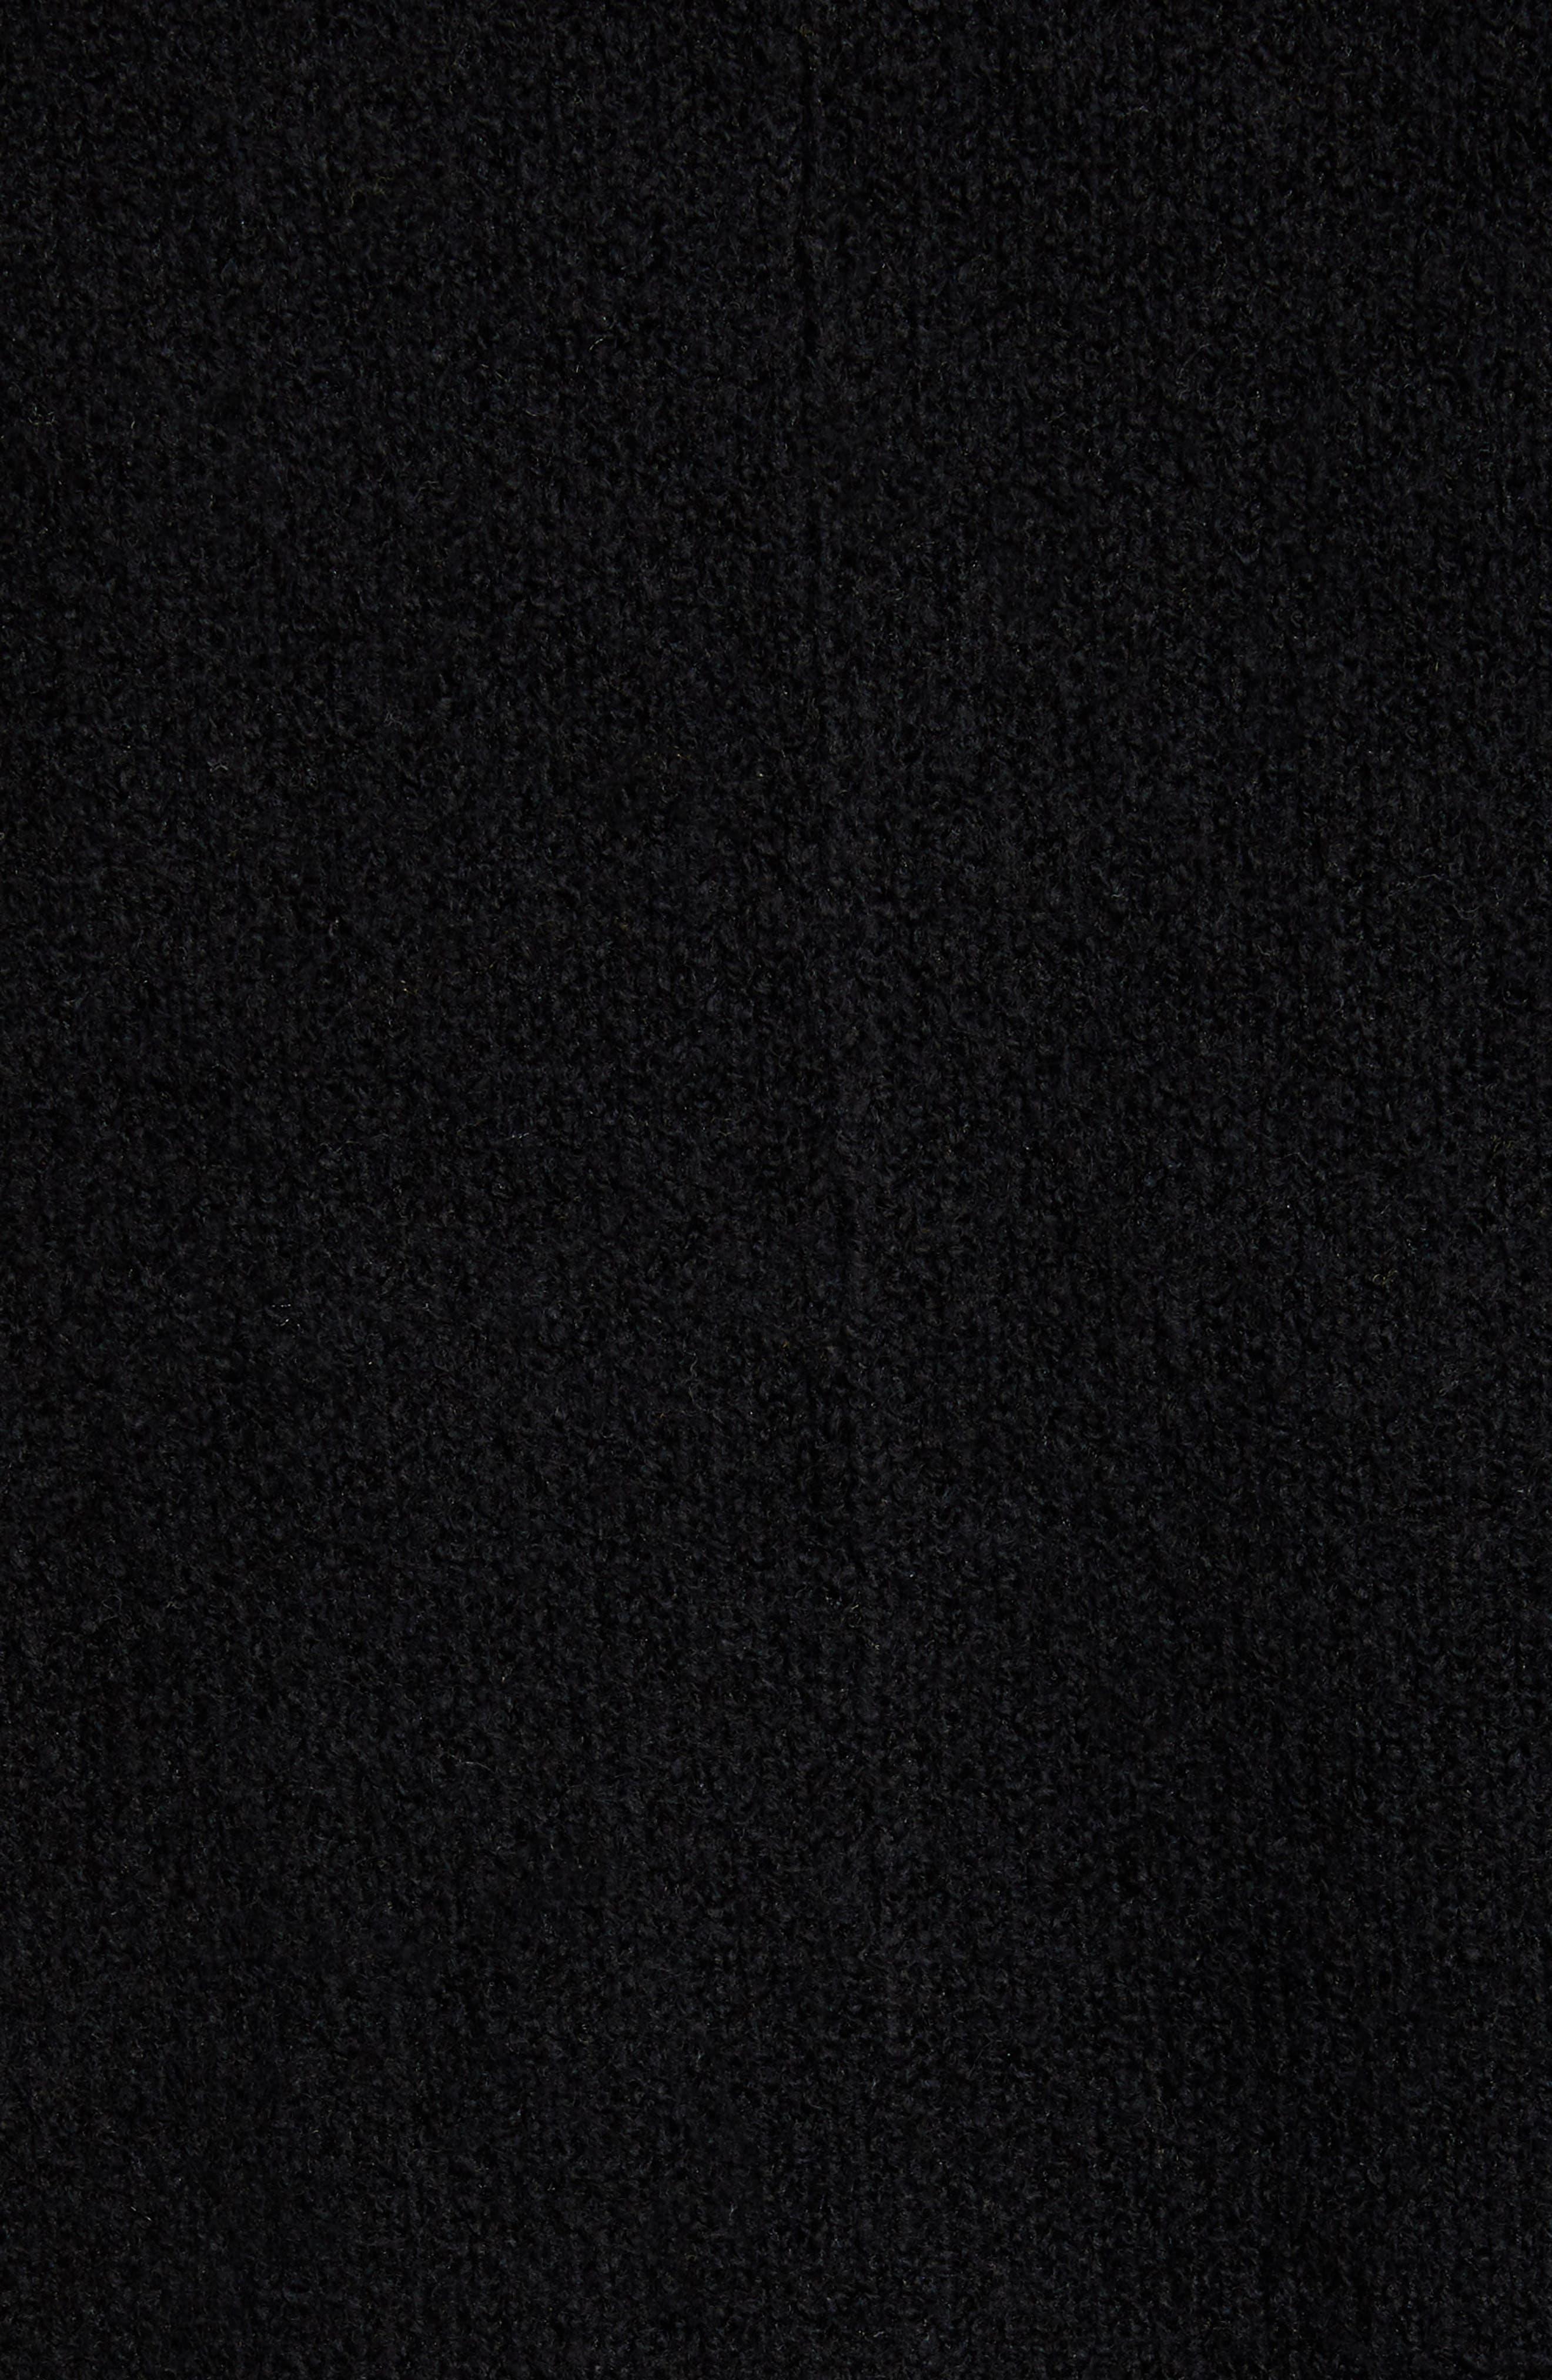 Drape Cardigan,                             Alternate thumbnail 6, color,                             BLACK